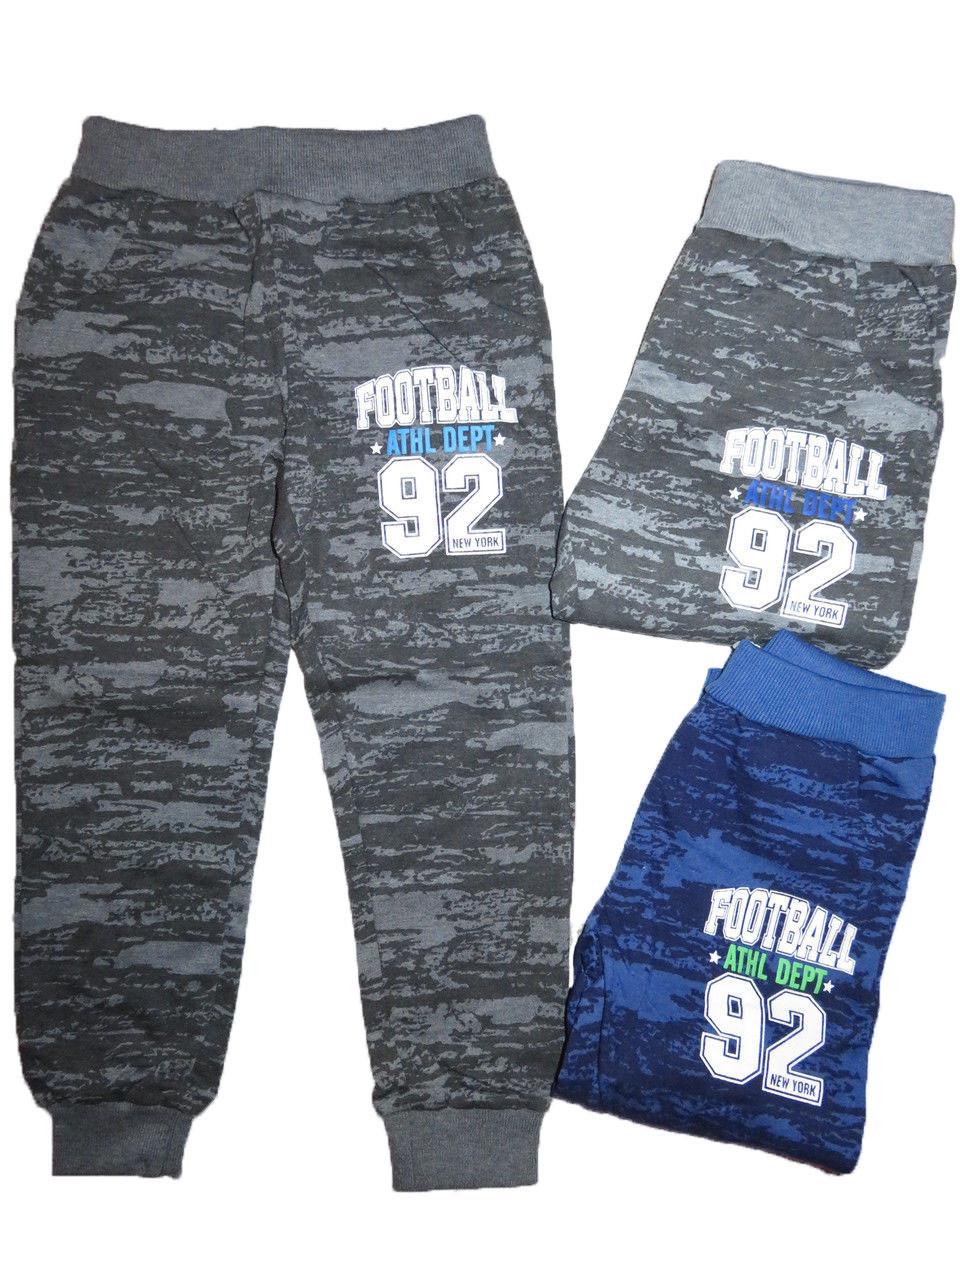 Штаны спортивные для мальчиков, Active Sports, размеры 116.140 арт. HZ-5951